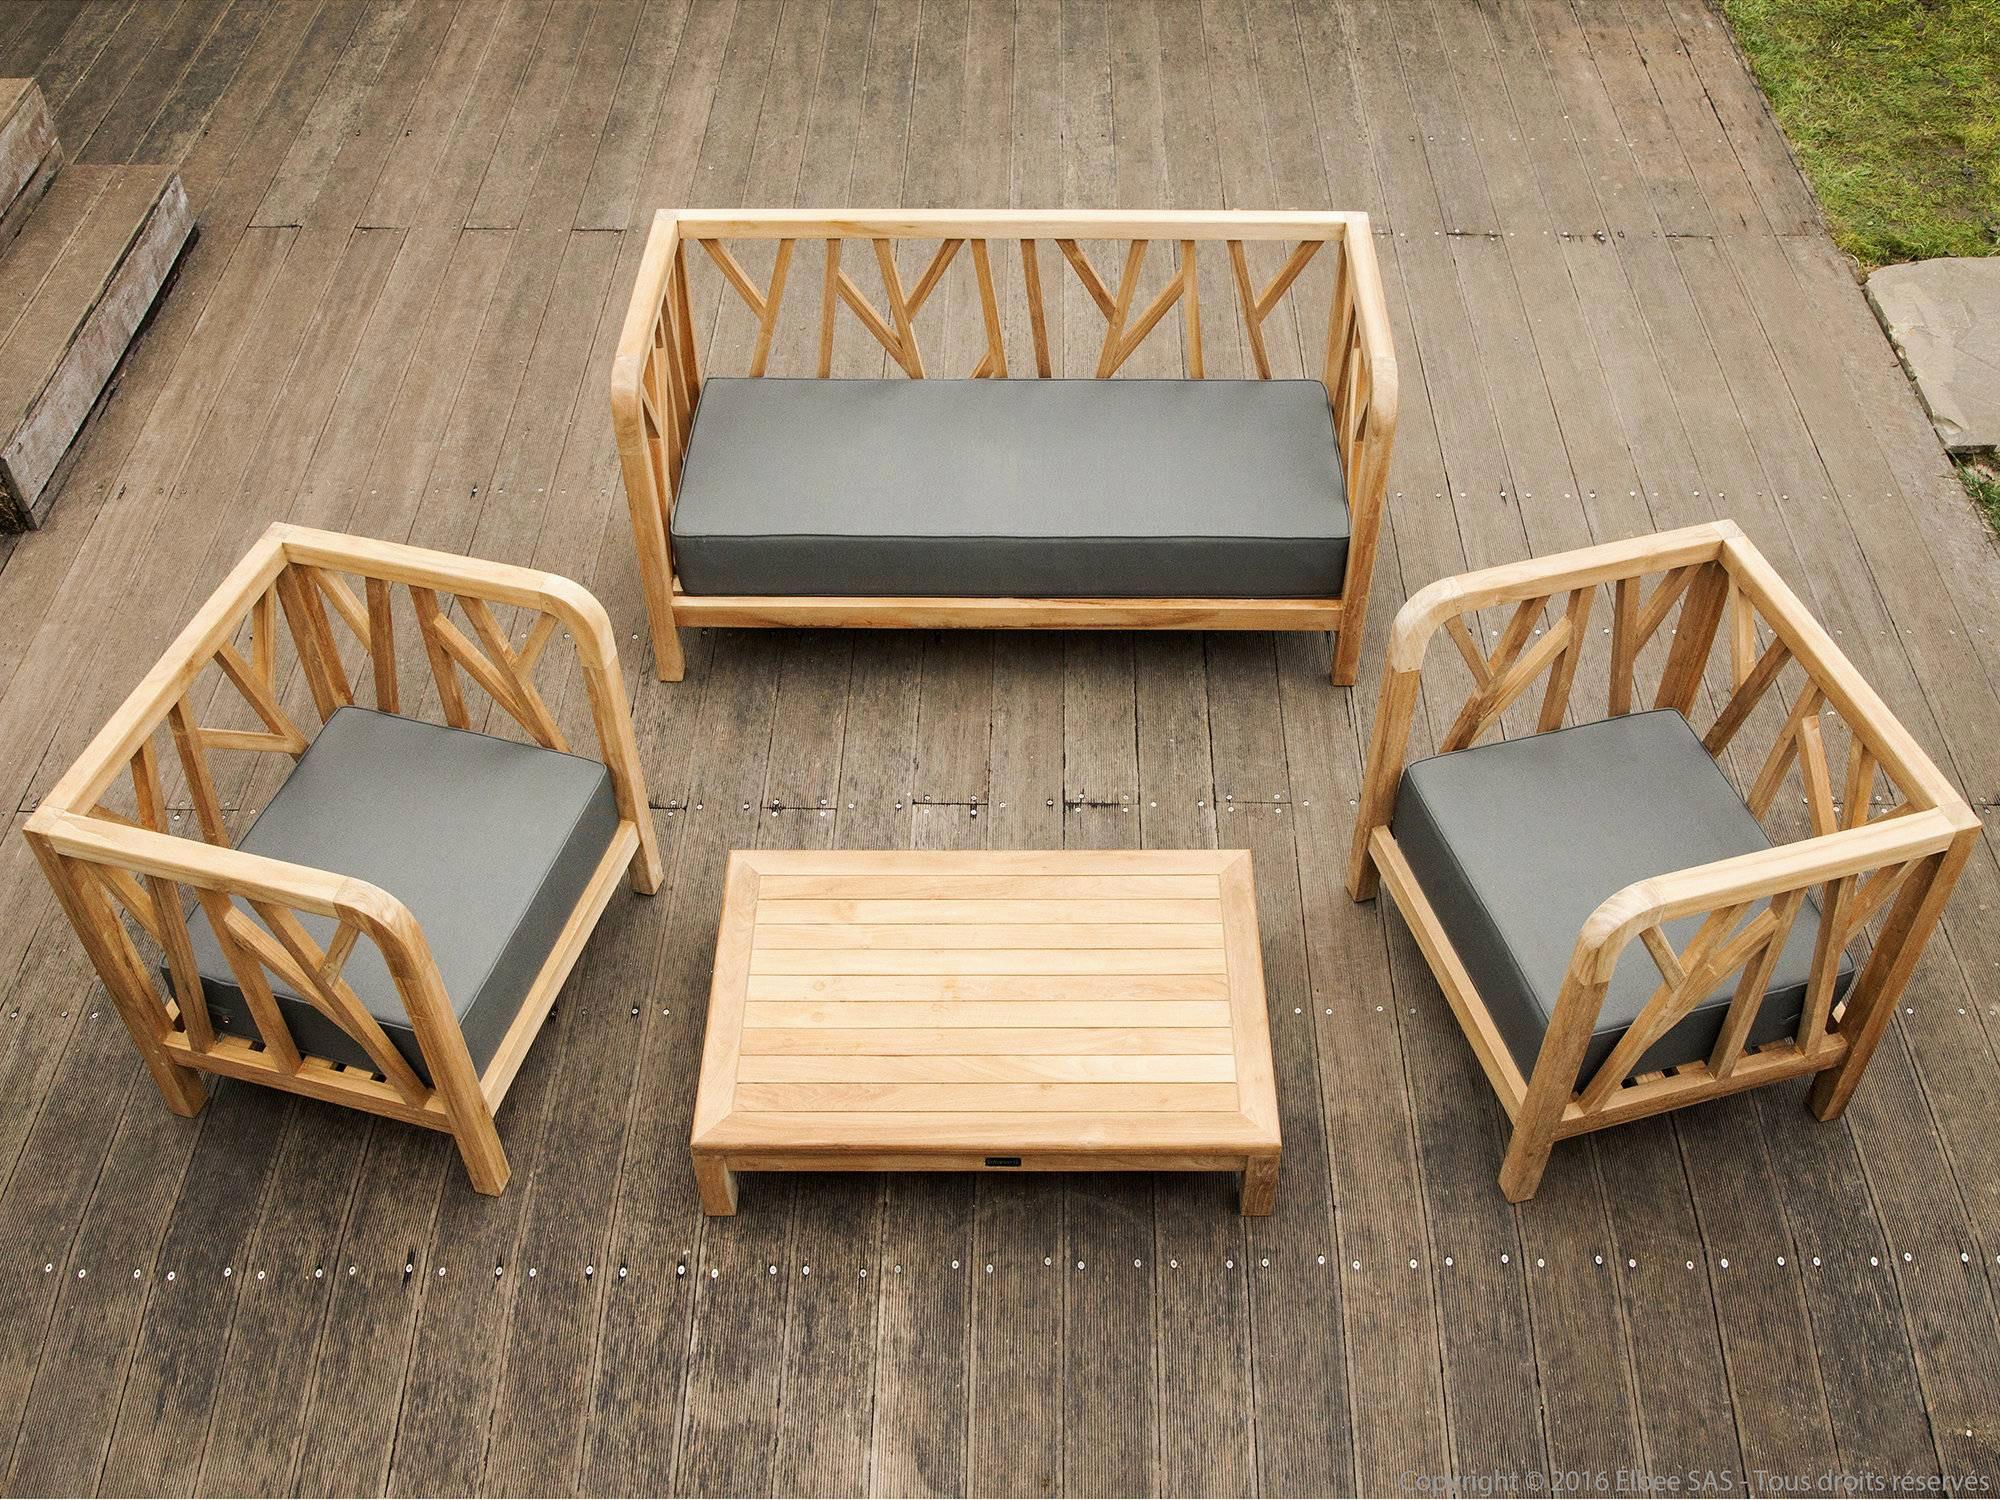 mobilier de jardin en teck massif etonnant 22 elegant salon de jardin en teck massif aireboroughrufc de mobilier de jardin en teck massif